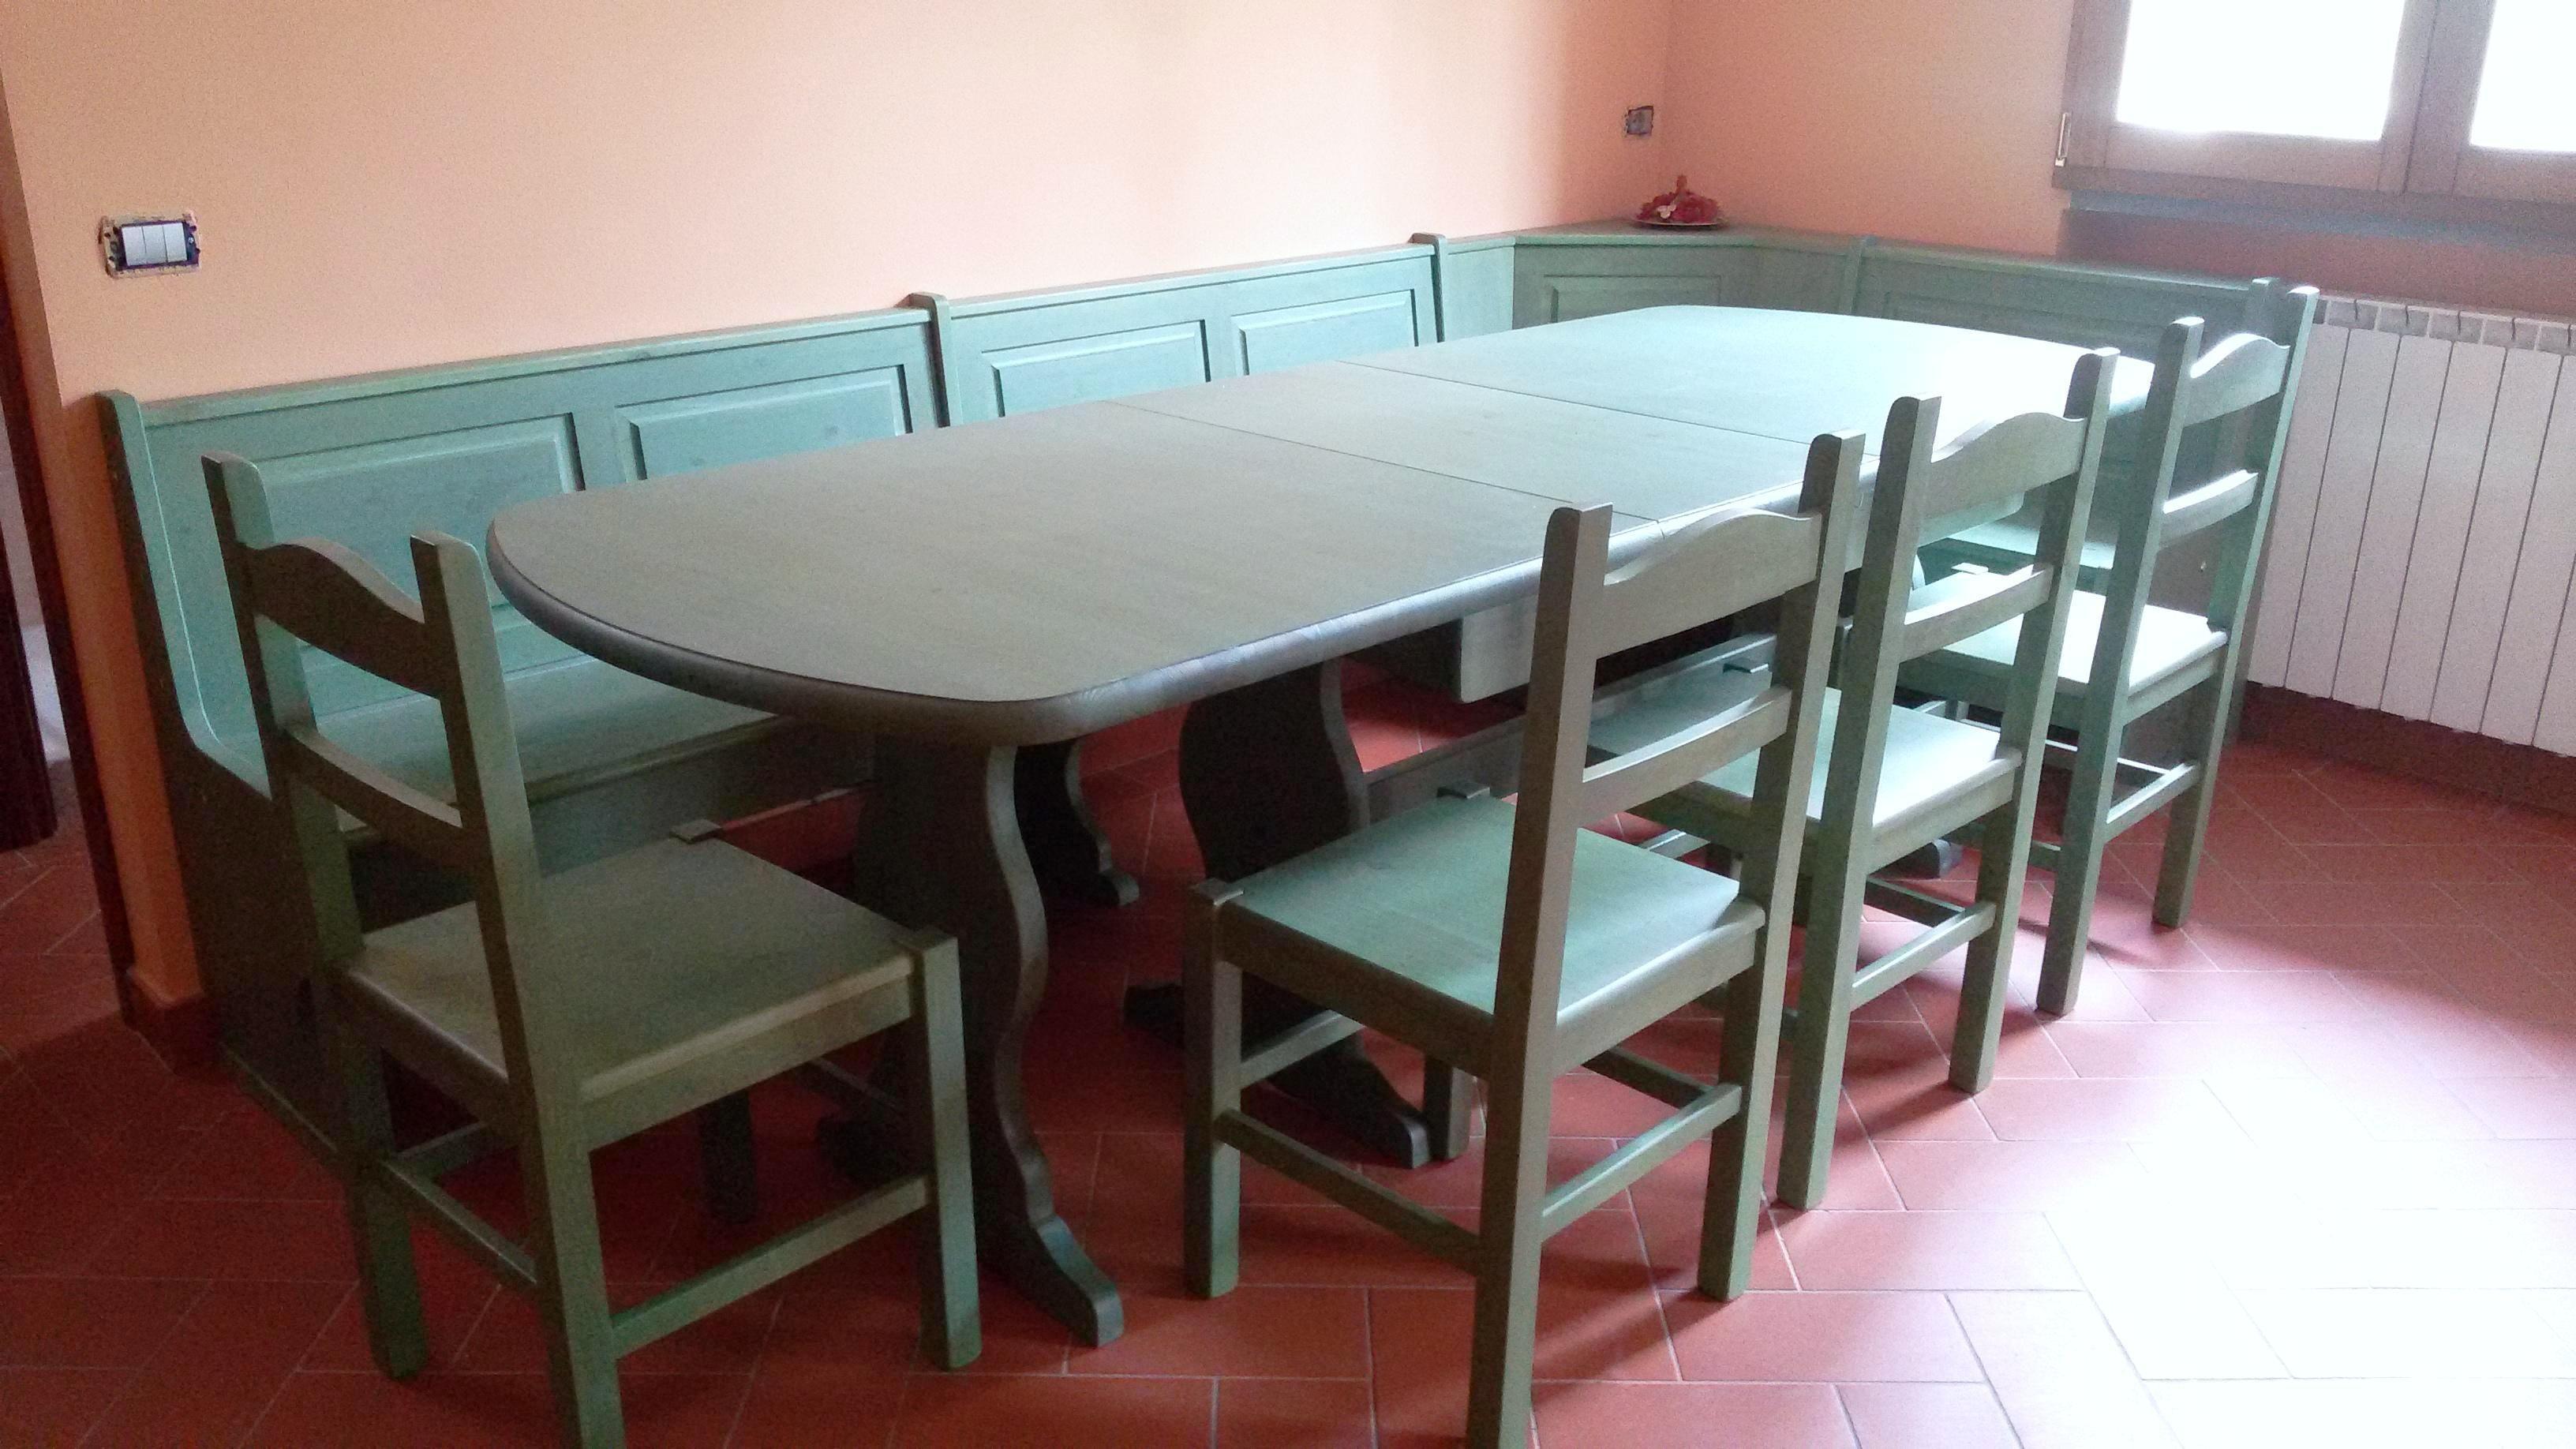 posto da Giropanca in legno color verde posta da Giropanca ad angolo Tavolo allungabile 190 370 Se cod 1003 SPEDIZIONI IN TUTTA ITALIA